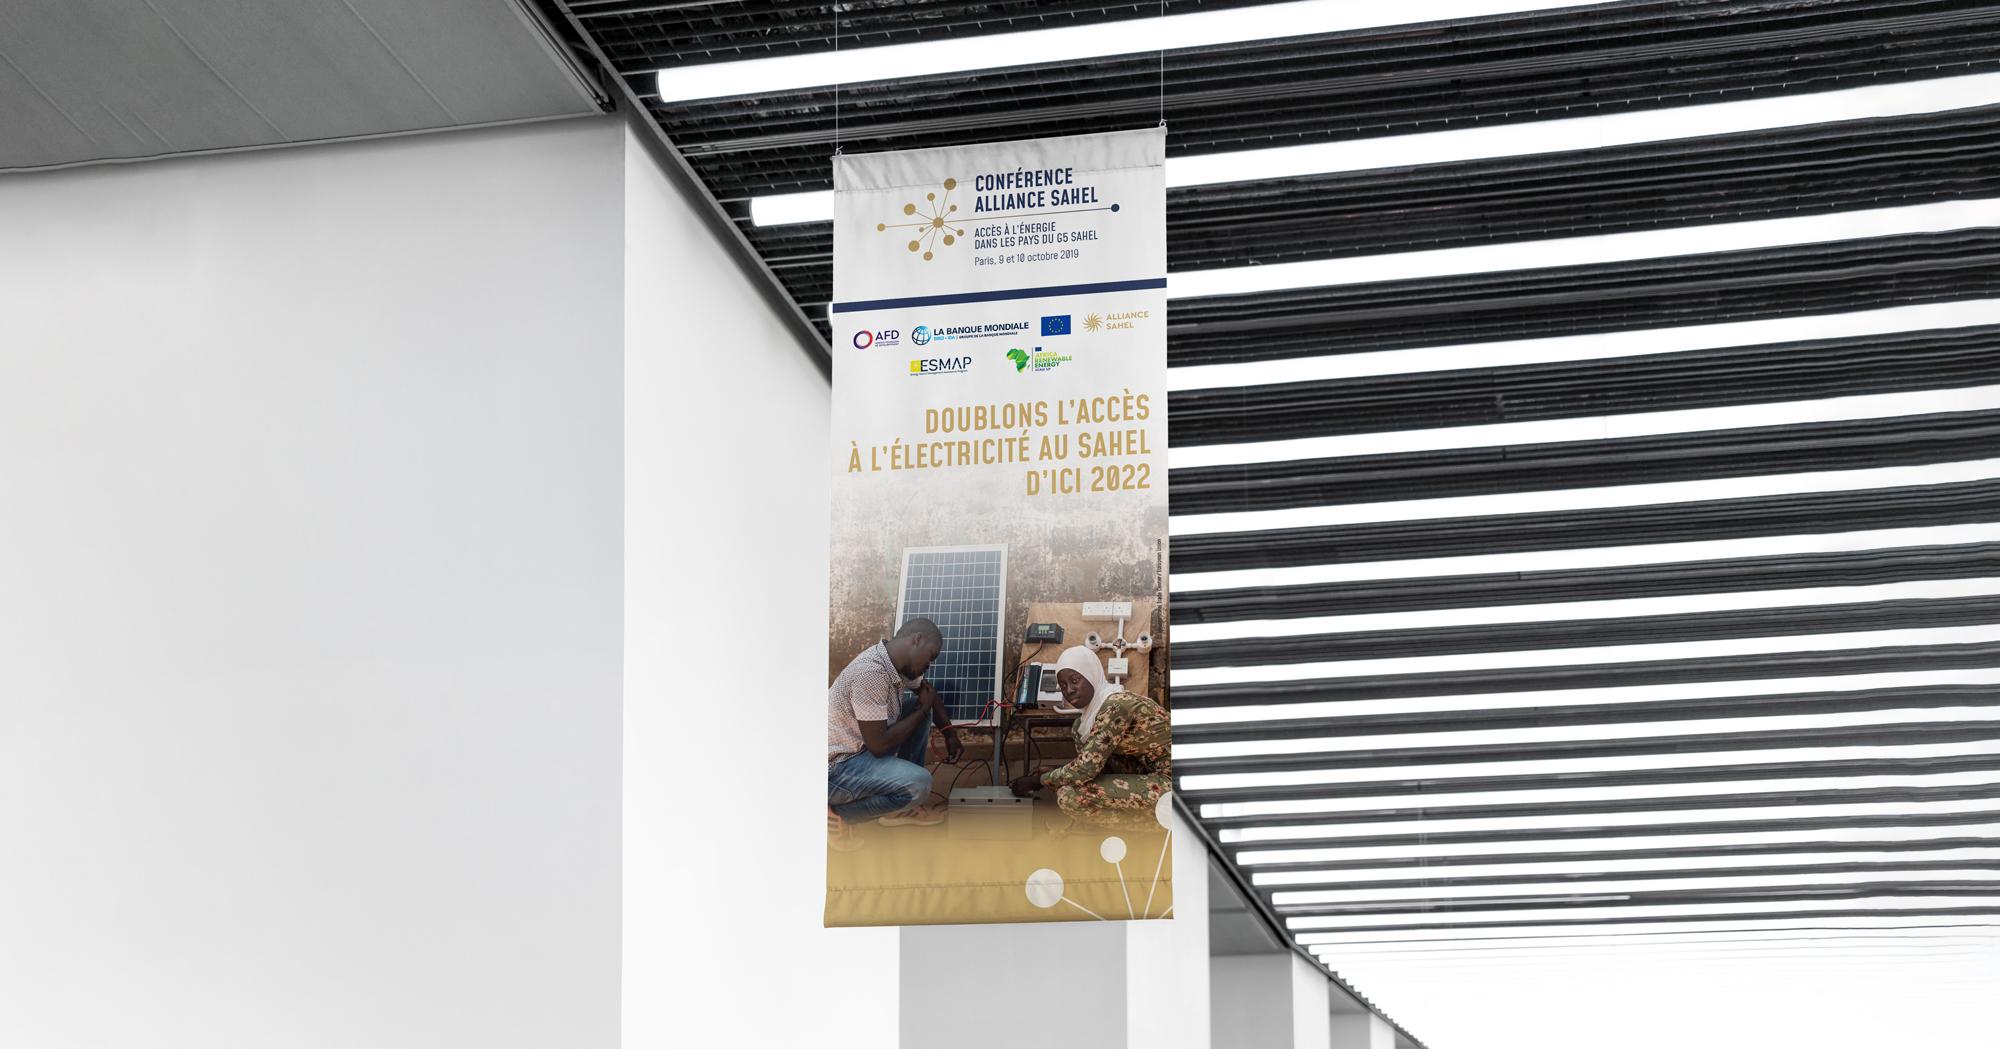 Signalétique Conférence Alliance Sahel